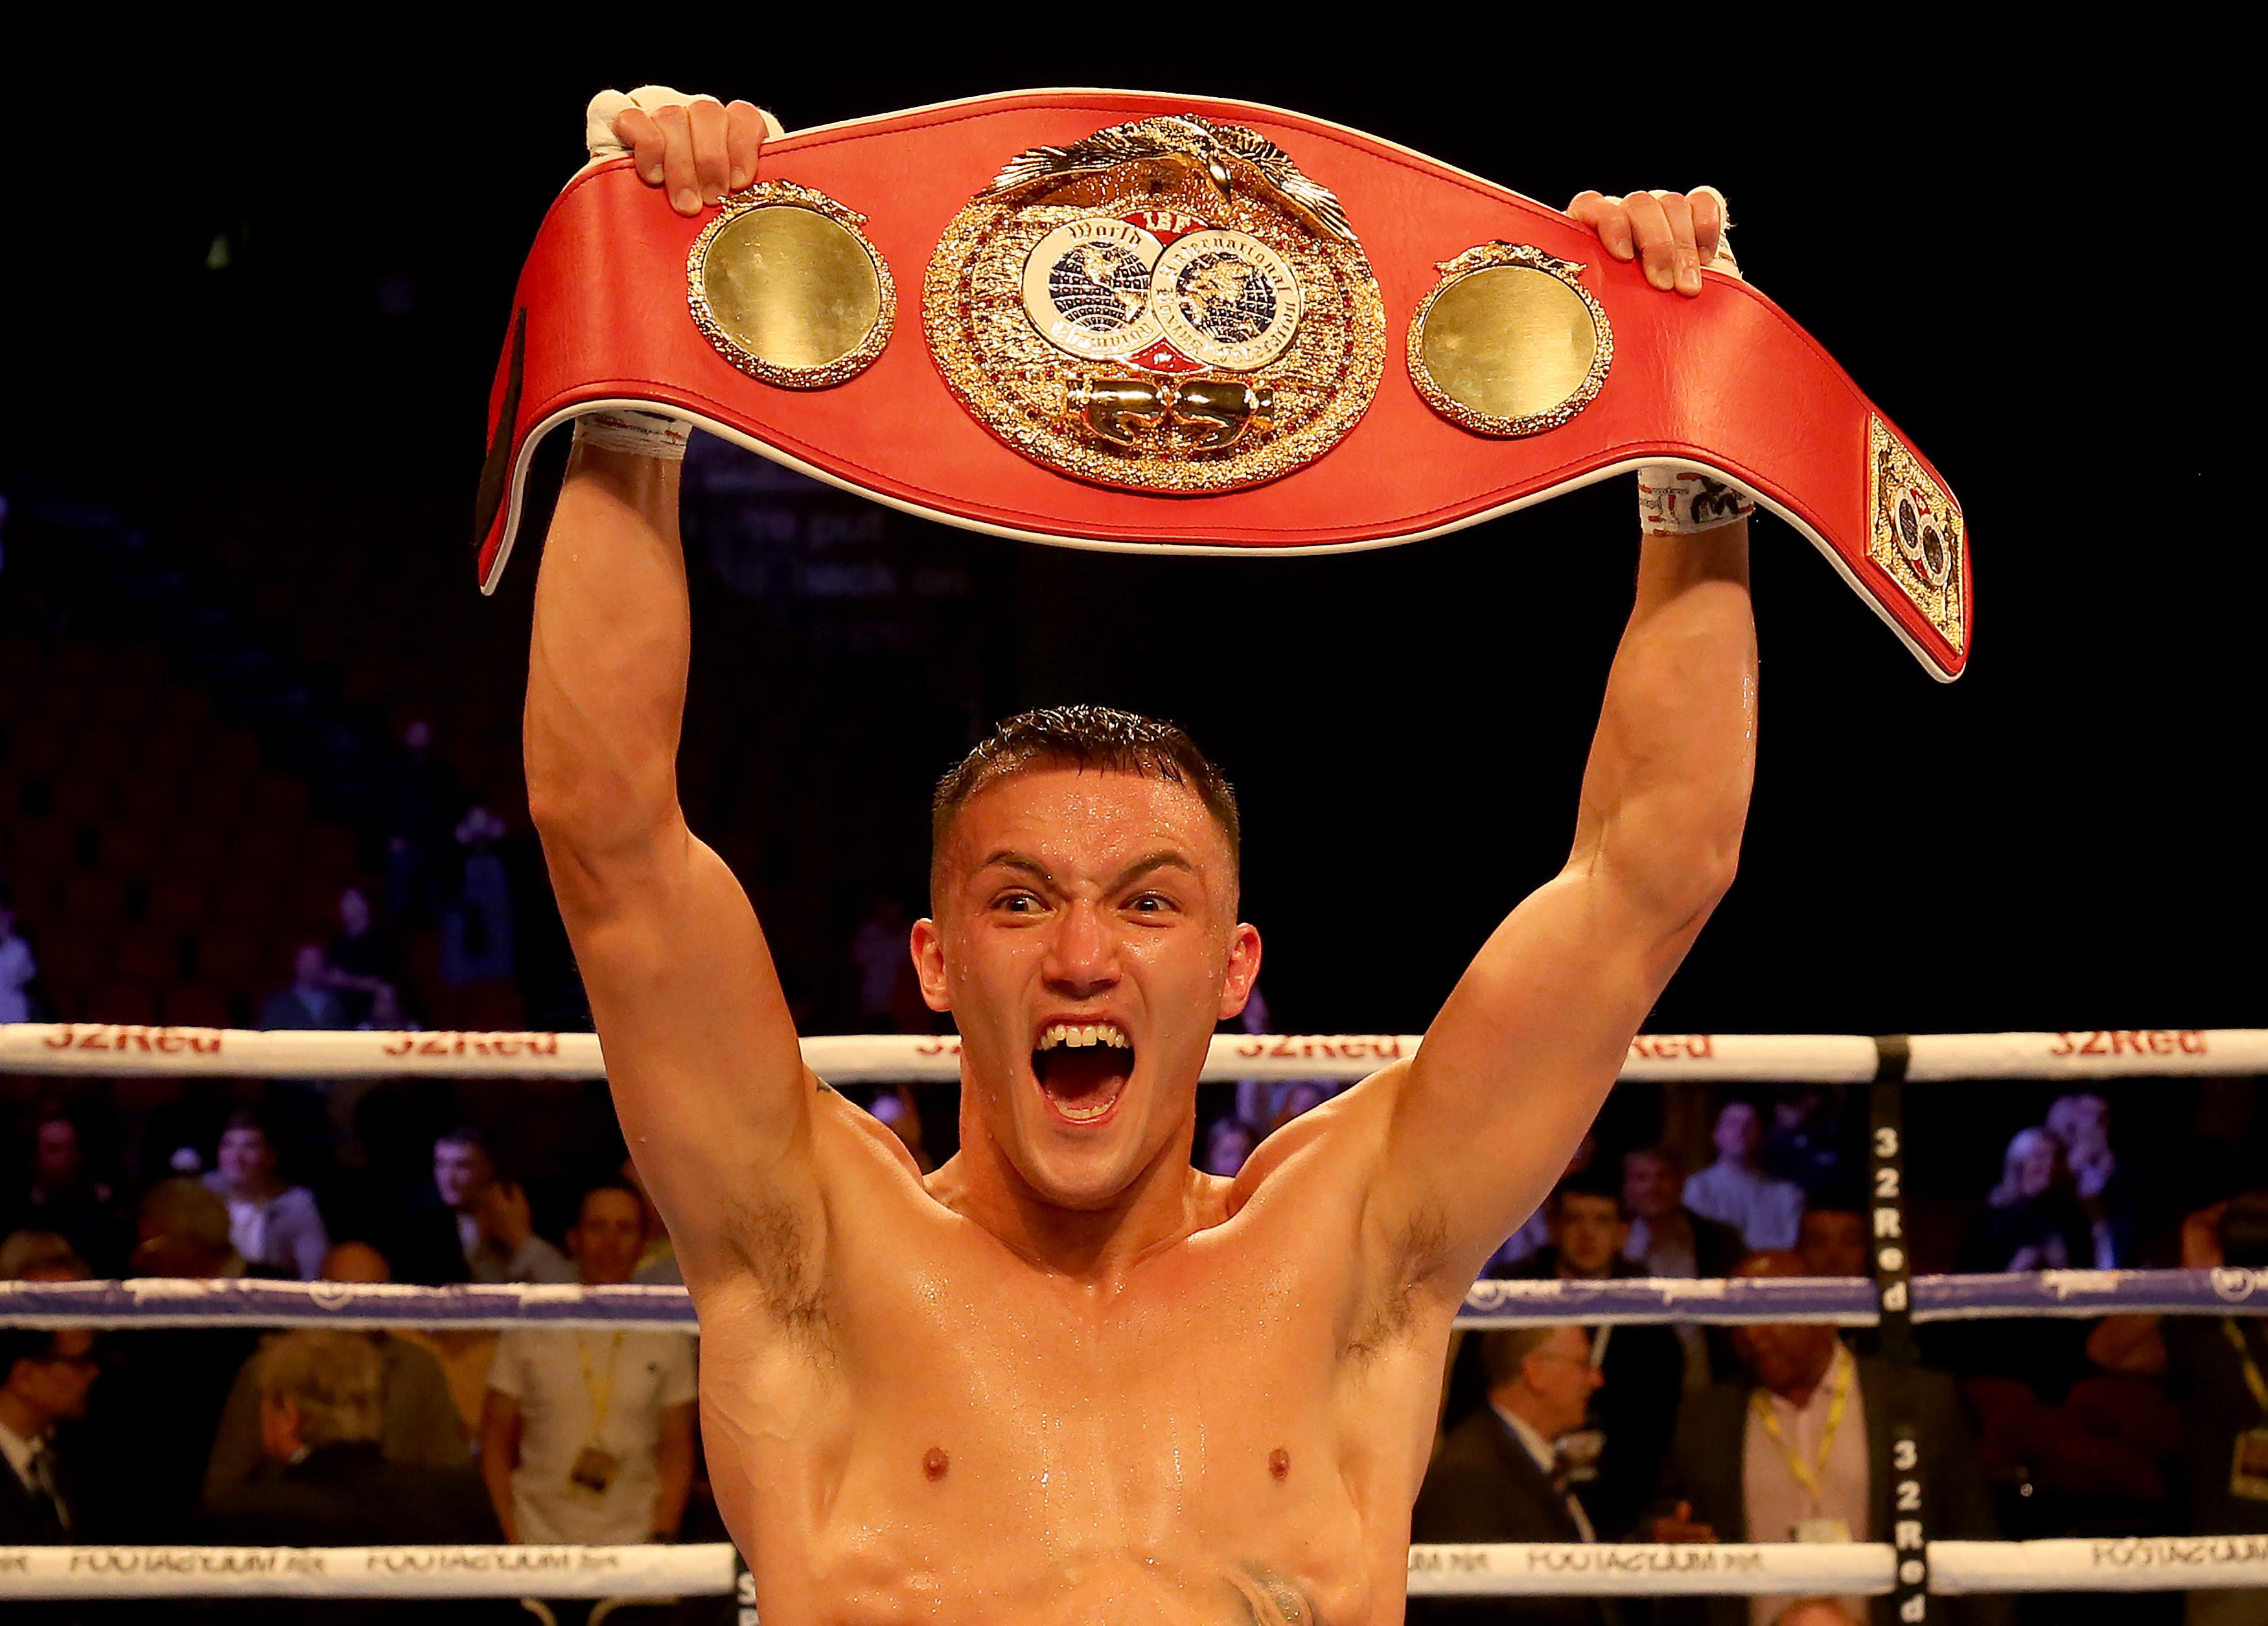 Josh Warrington retained his world title